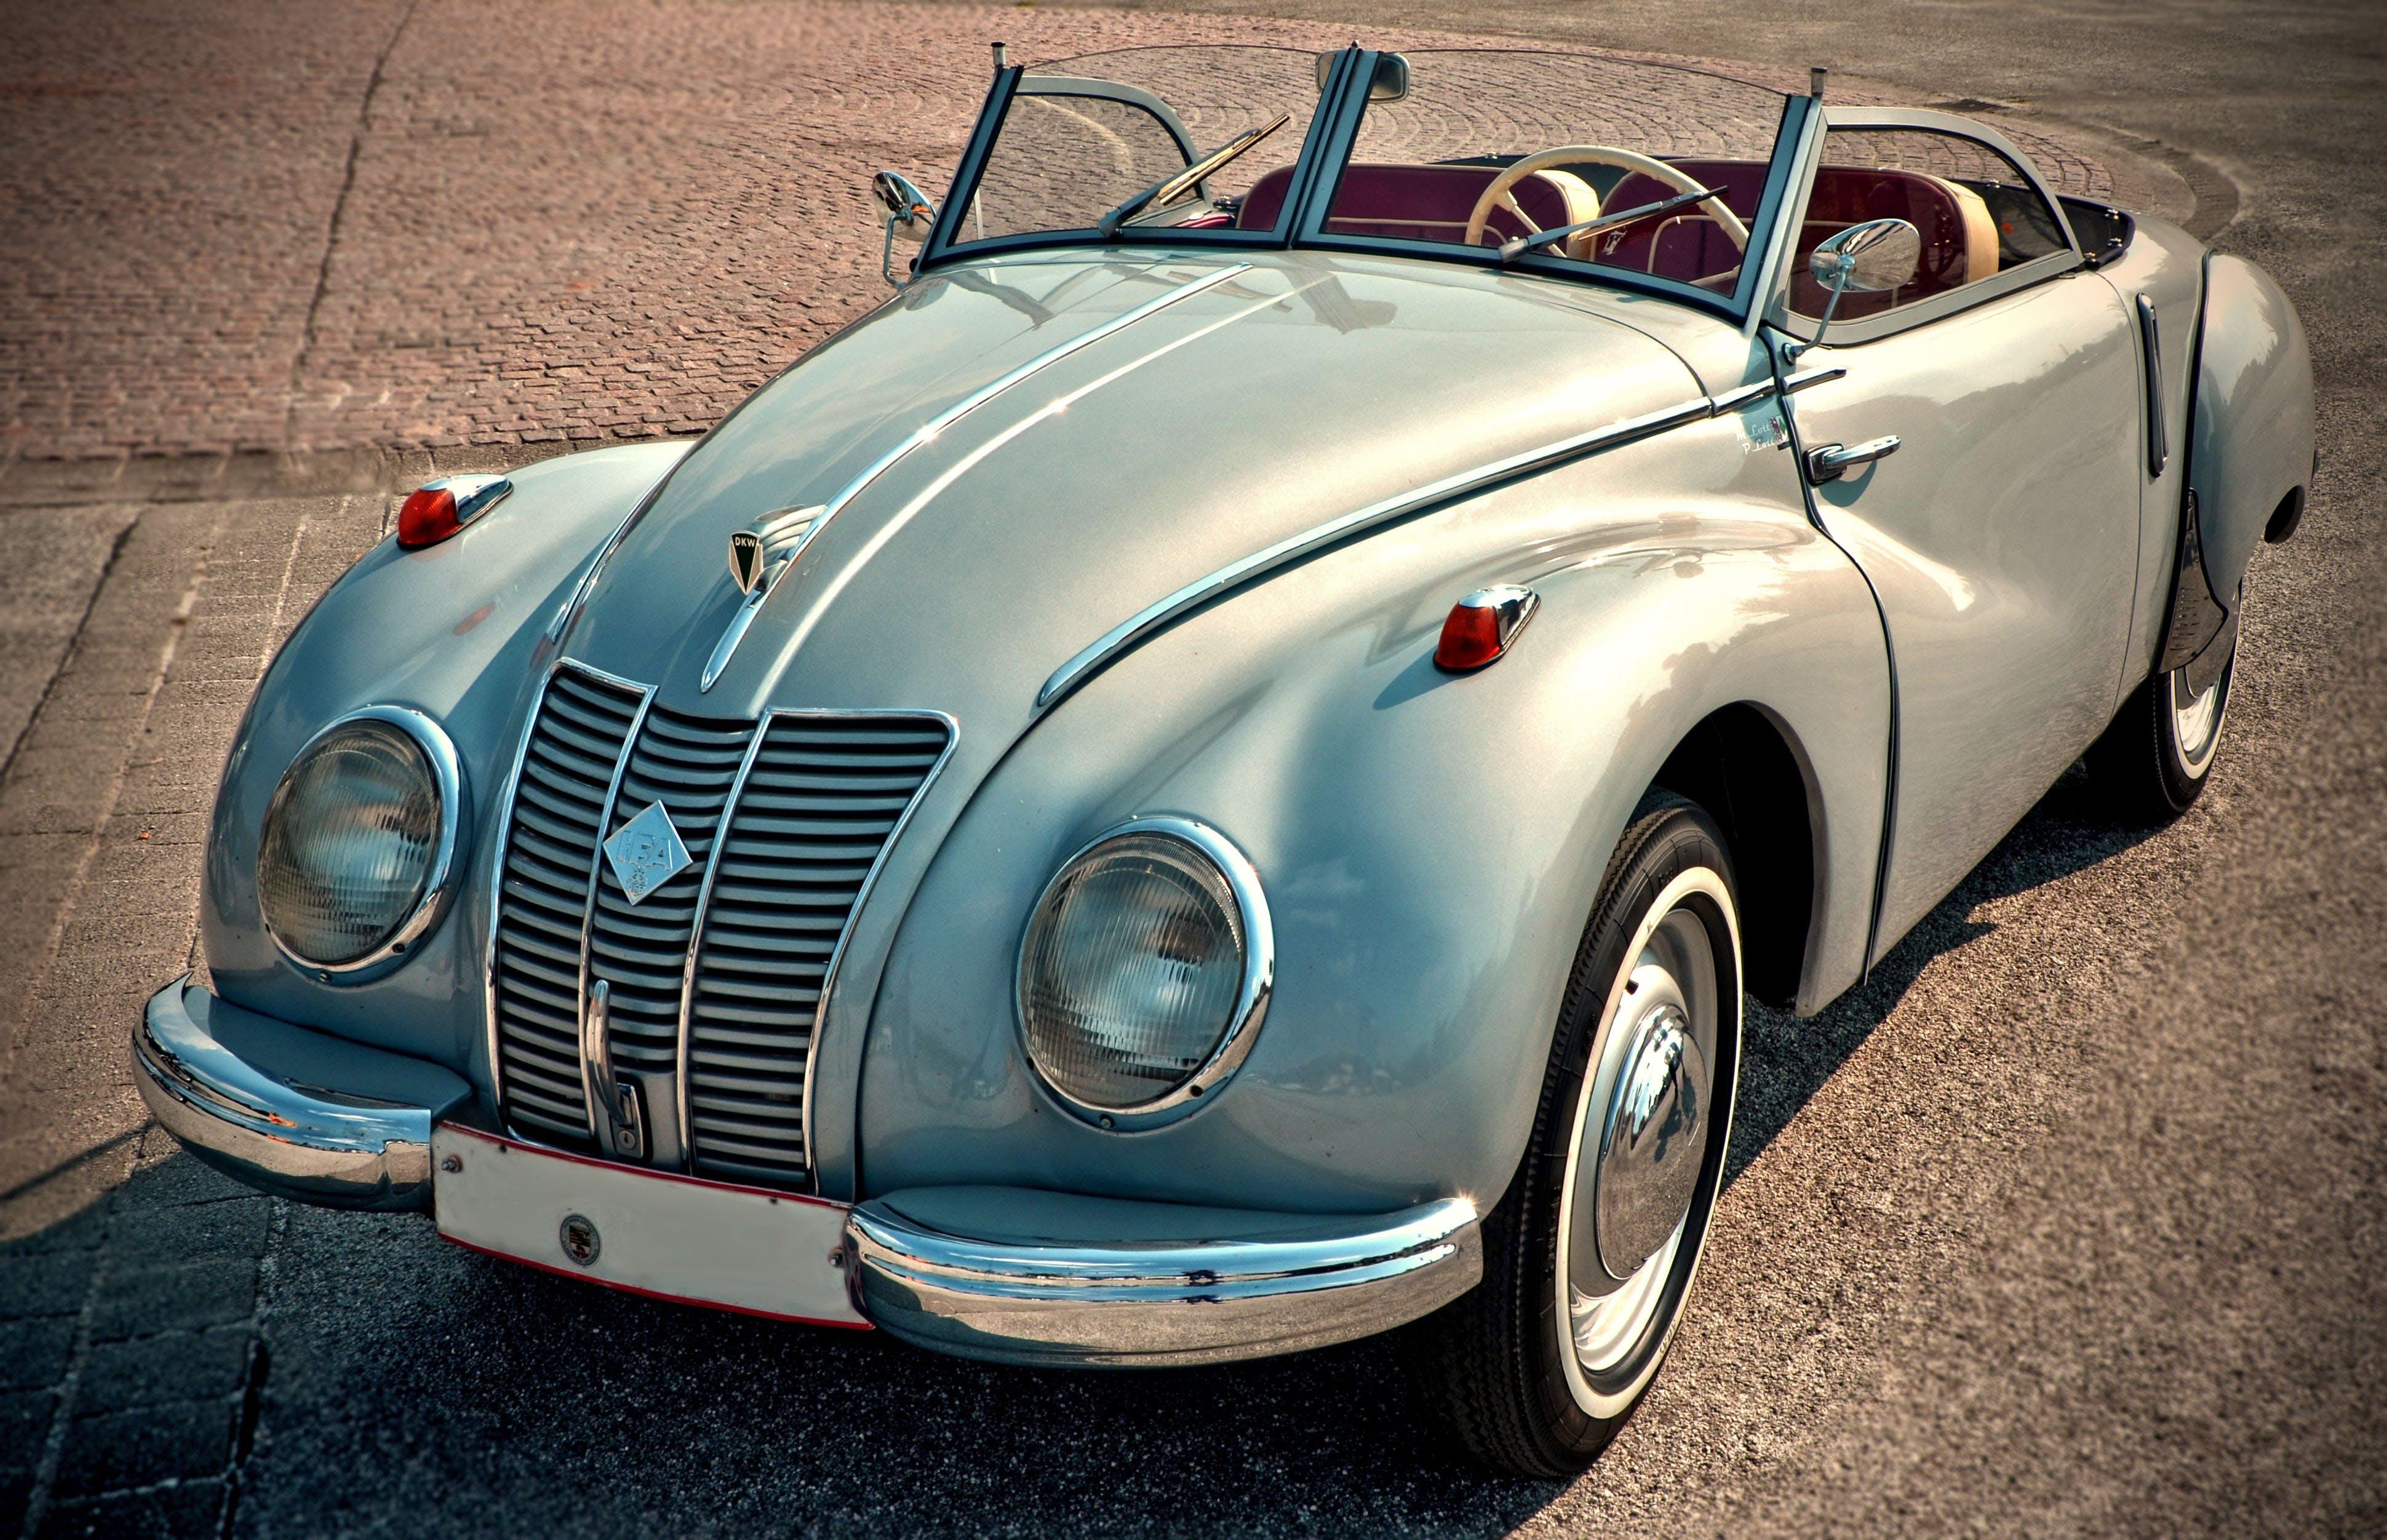 Foto d'estoc gratuïta de automòbil, automoció, brillant, chrome